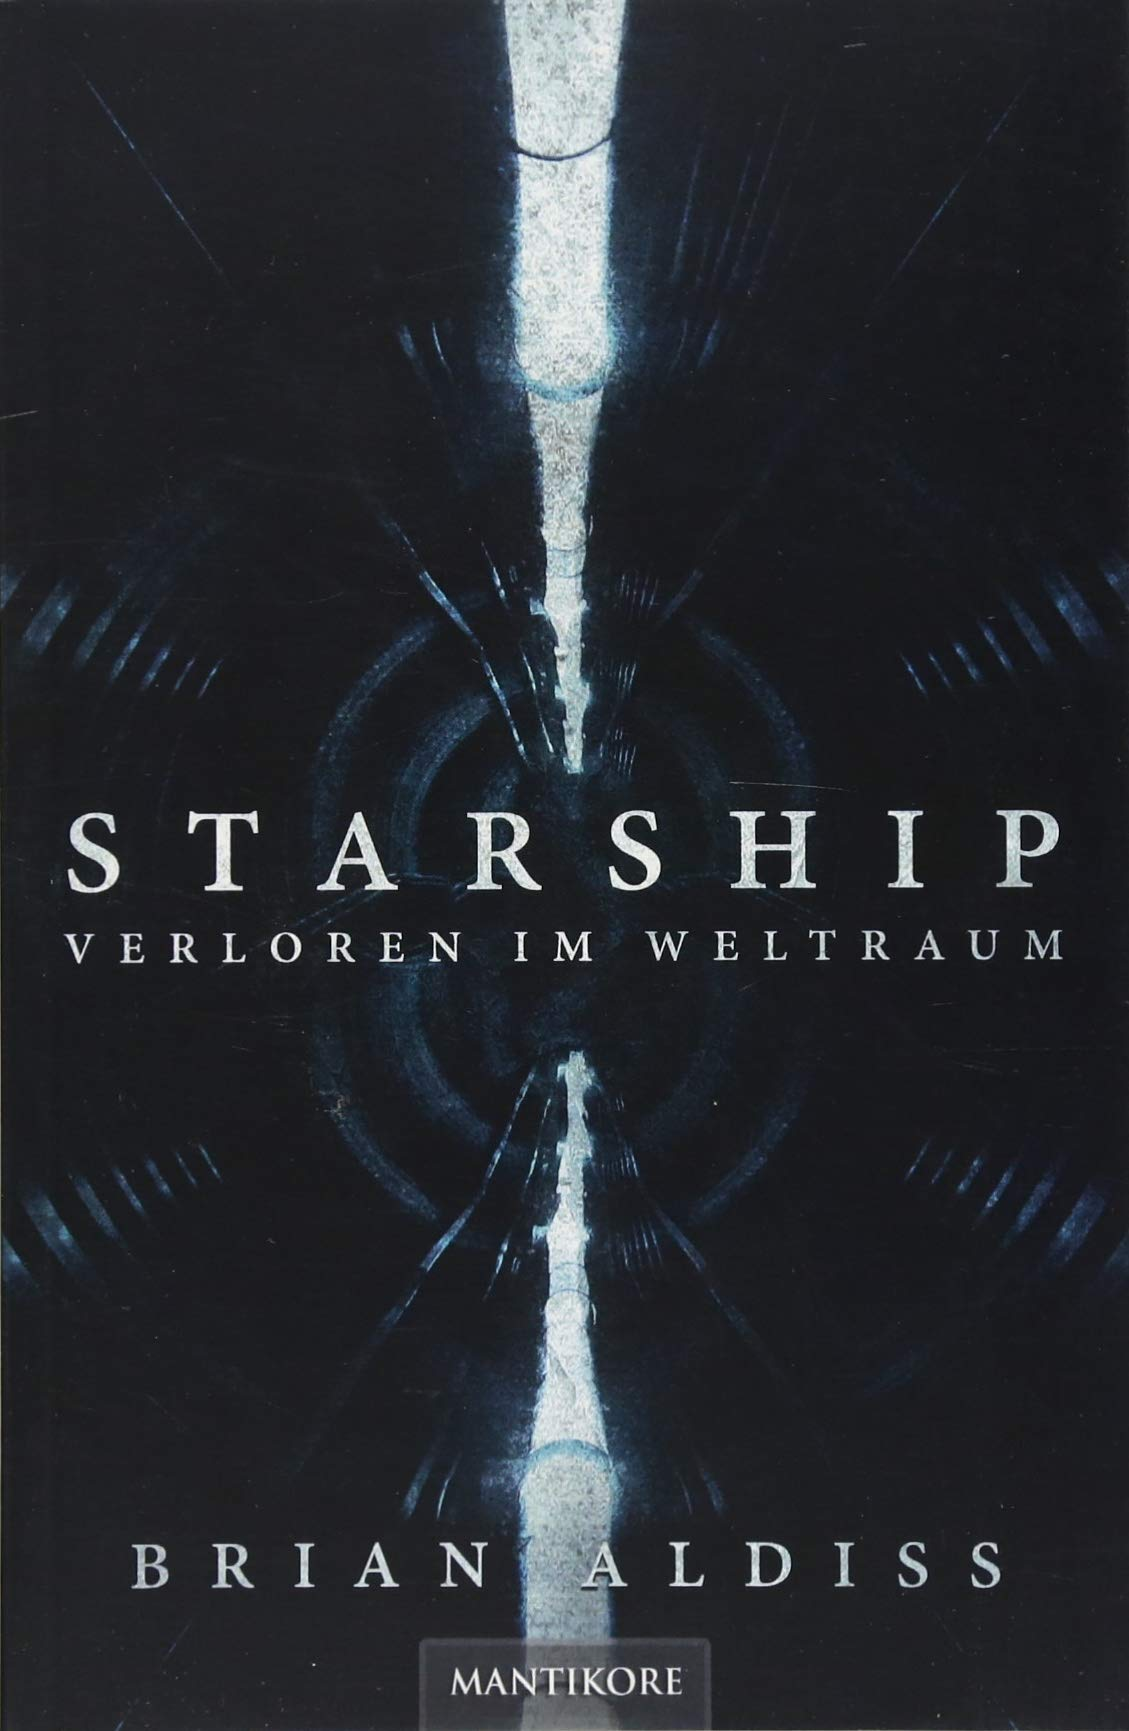 Starship - Verloren im Weltraum Taschenbuch – 18. Juli 2018 Brian Aldiss Mantikore-Verlag 3961880174 Raumschiff